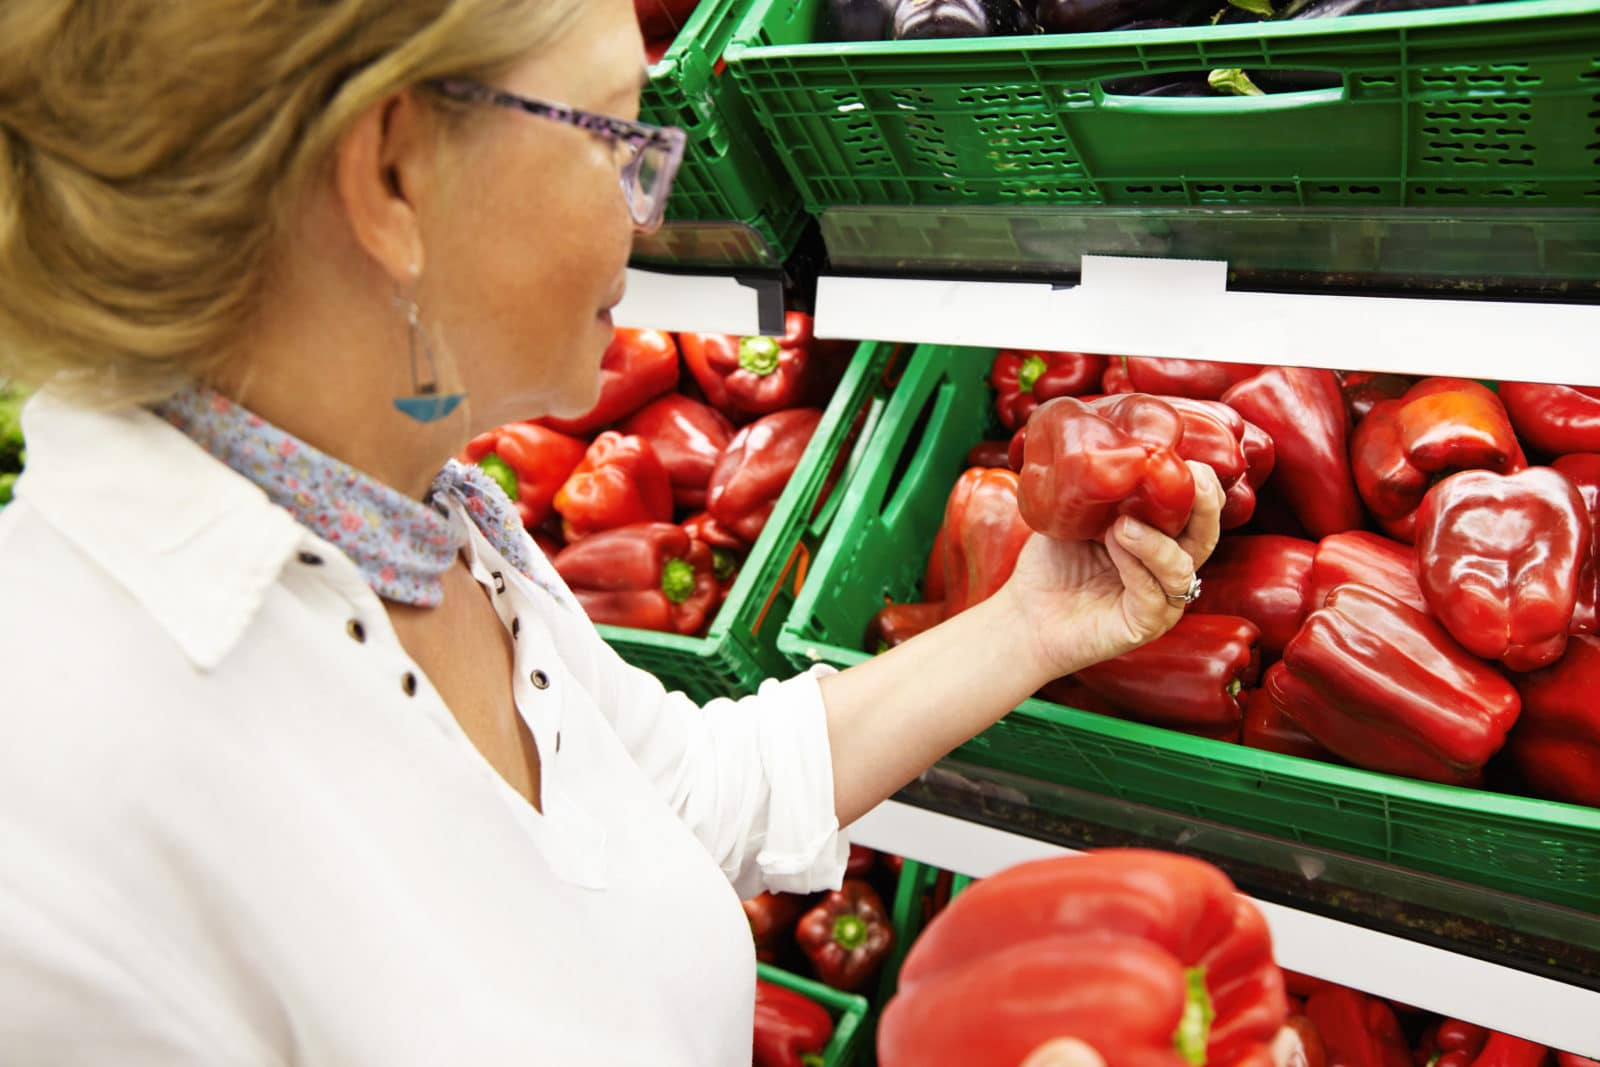 foods that fight rheumatoid arthritis, Top Foods That Fight Rheumatoid Arthritis